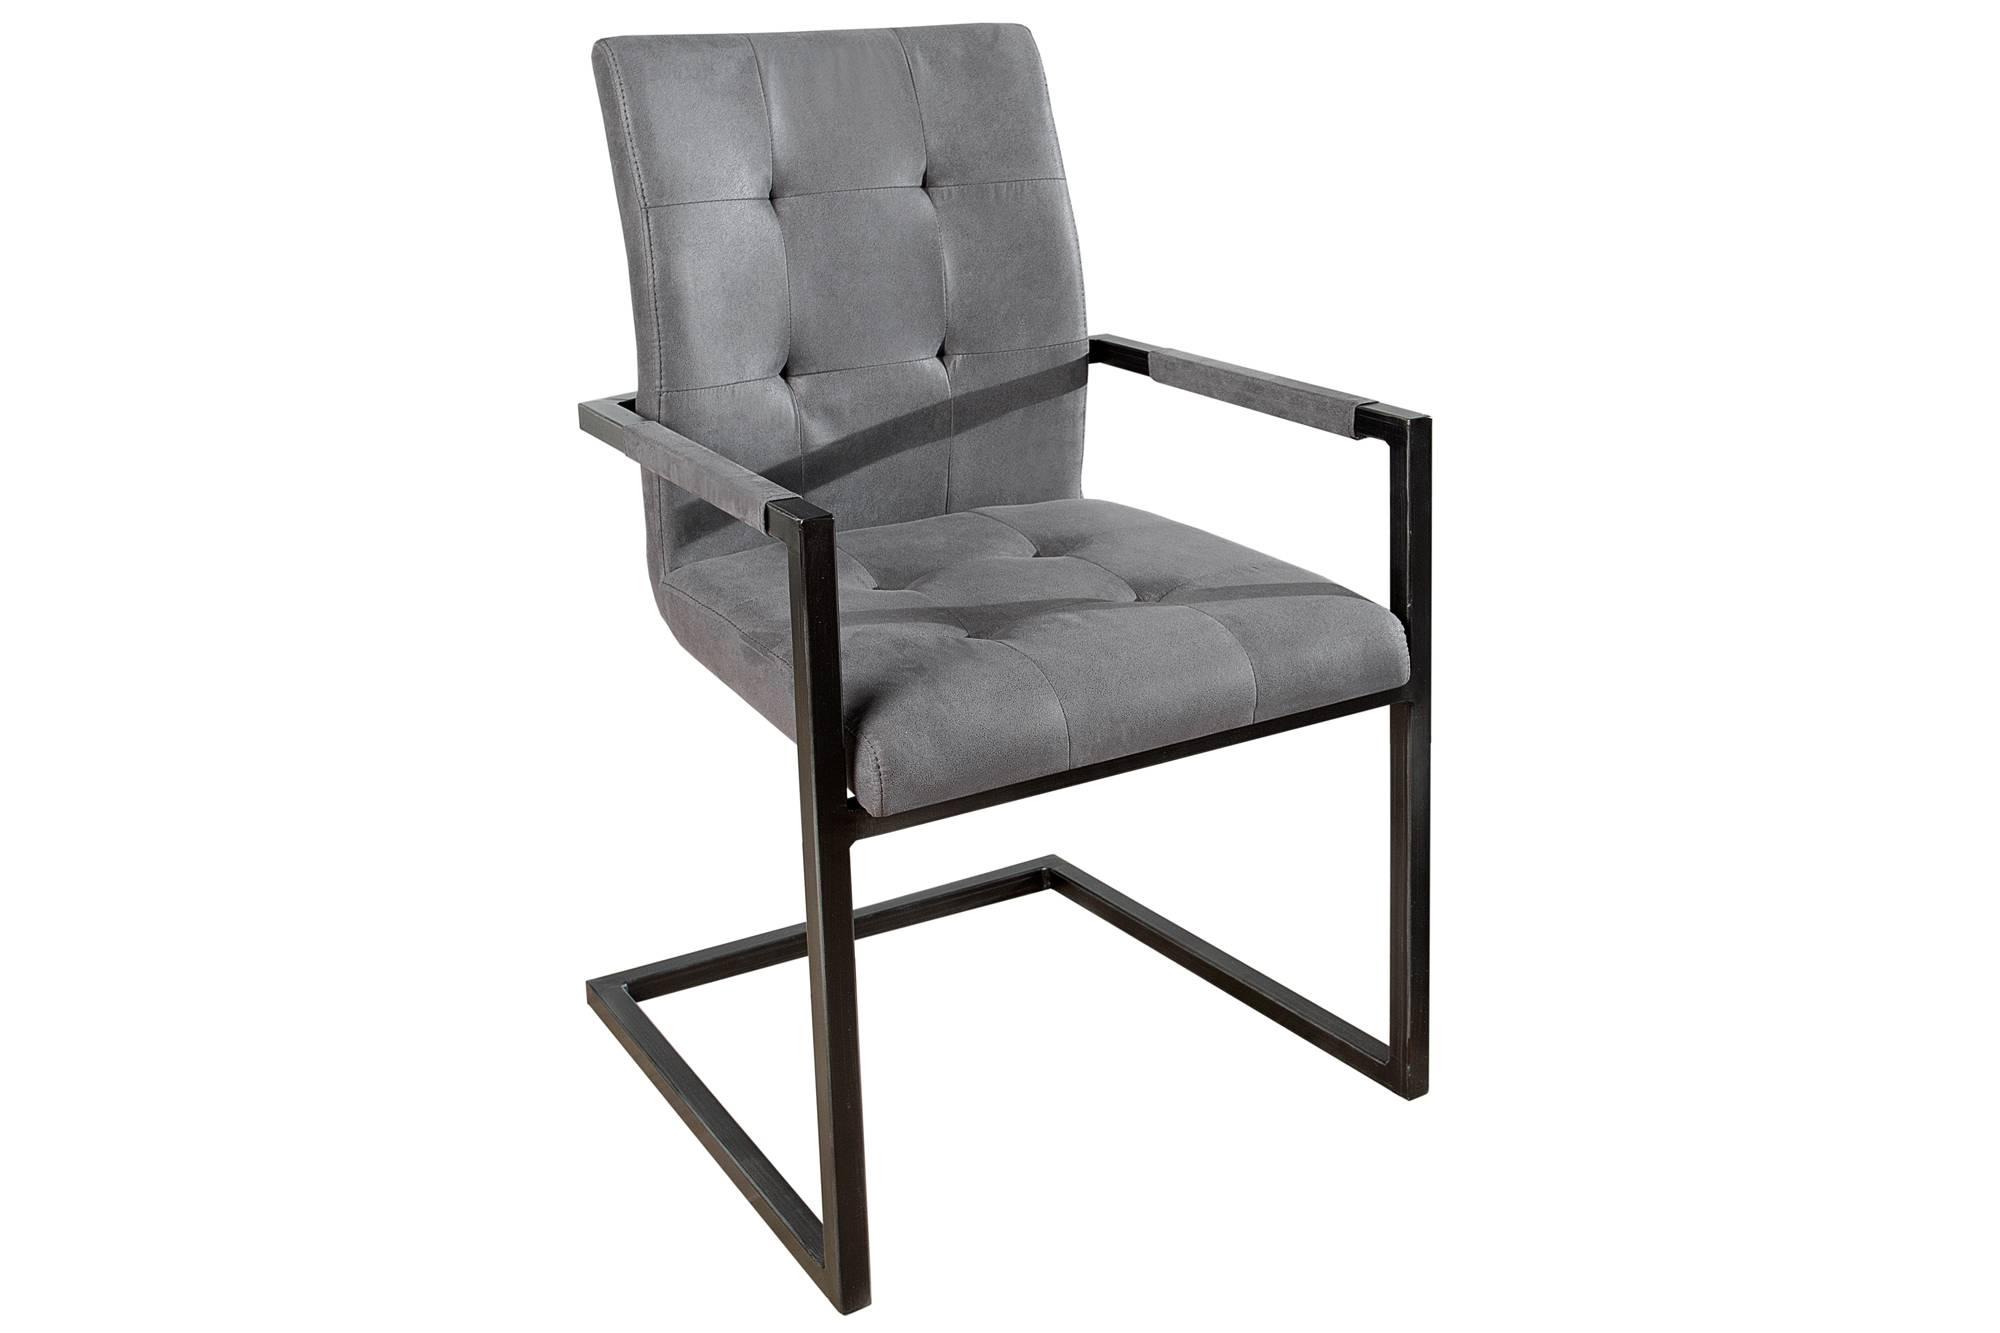 Jídelní židle vintage English šedá s opěradlem